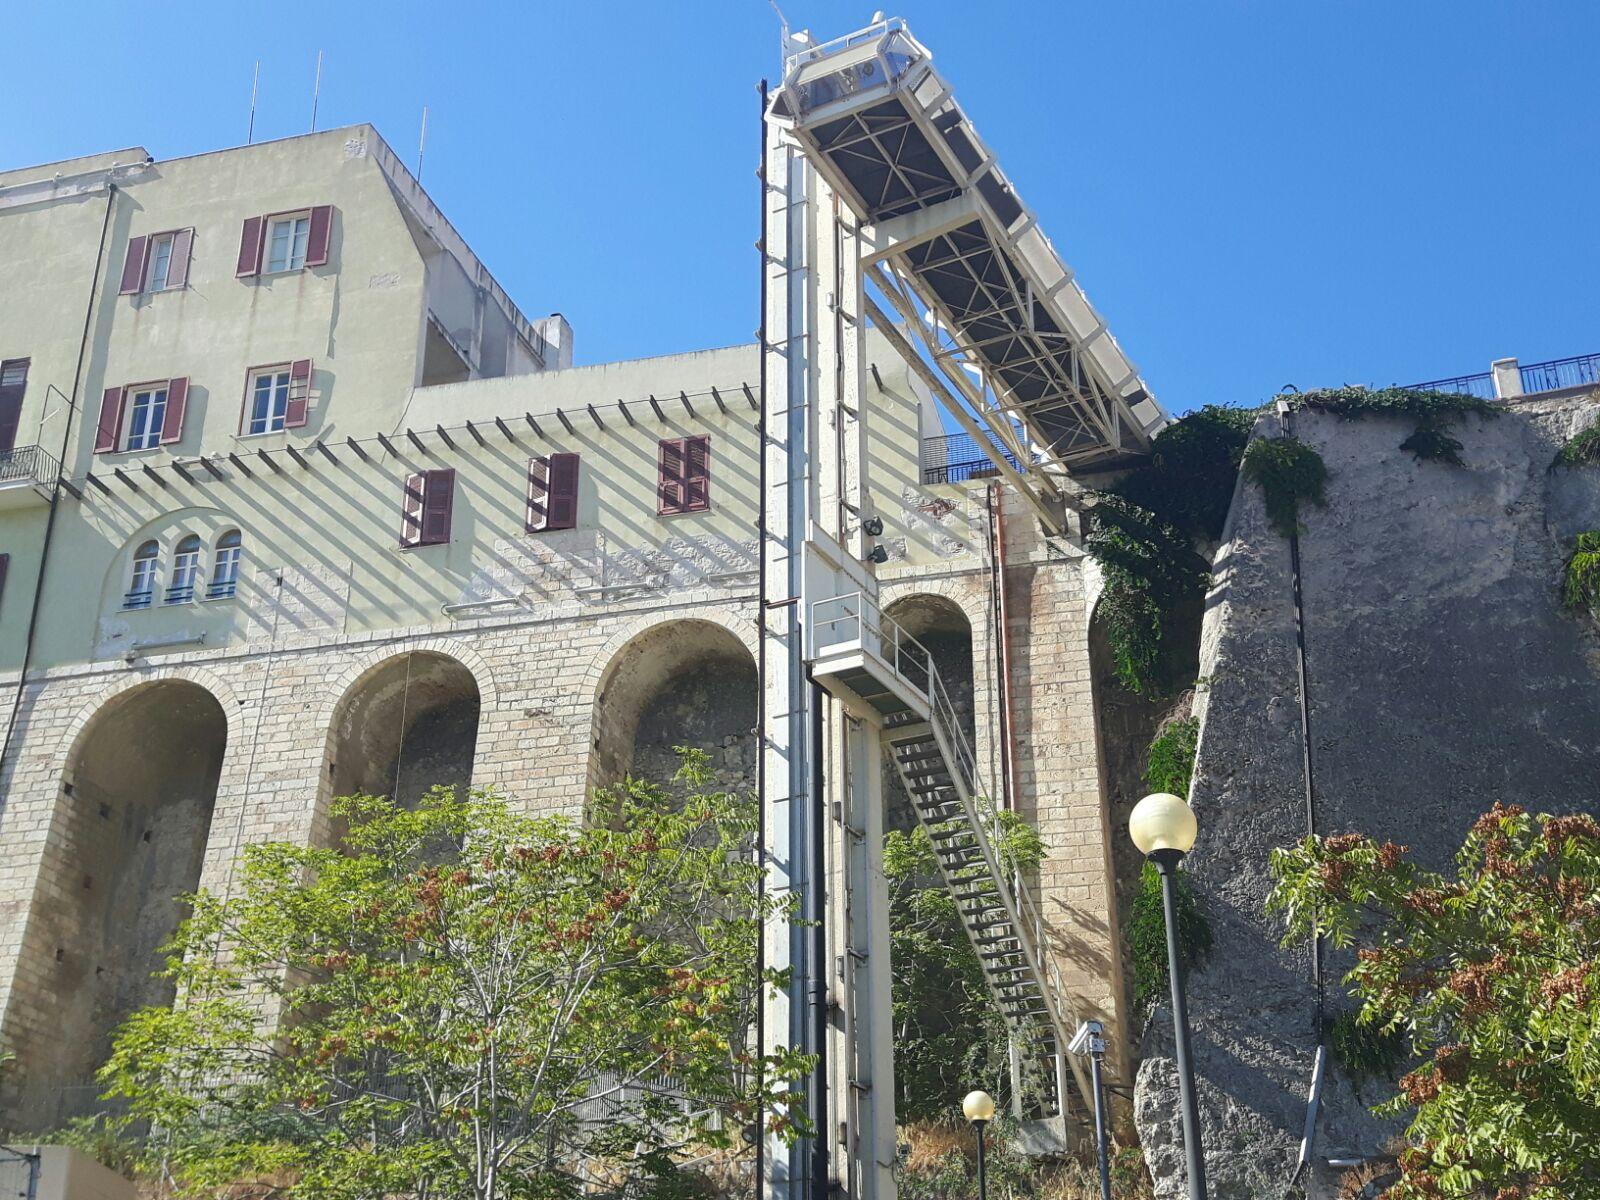 Al via oggi i cantieri per la sostituzione dei tre ascensori per il quartiere di Castello